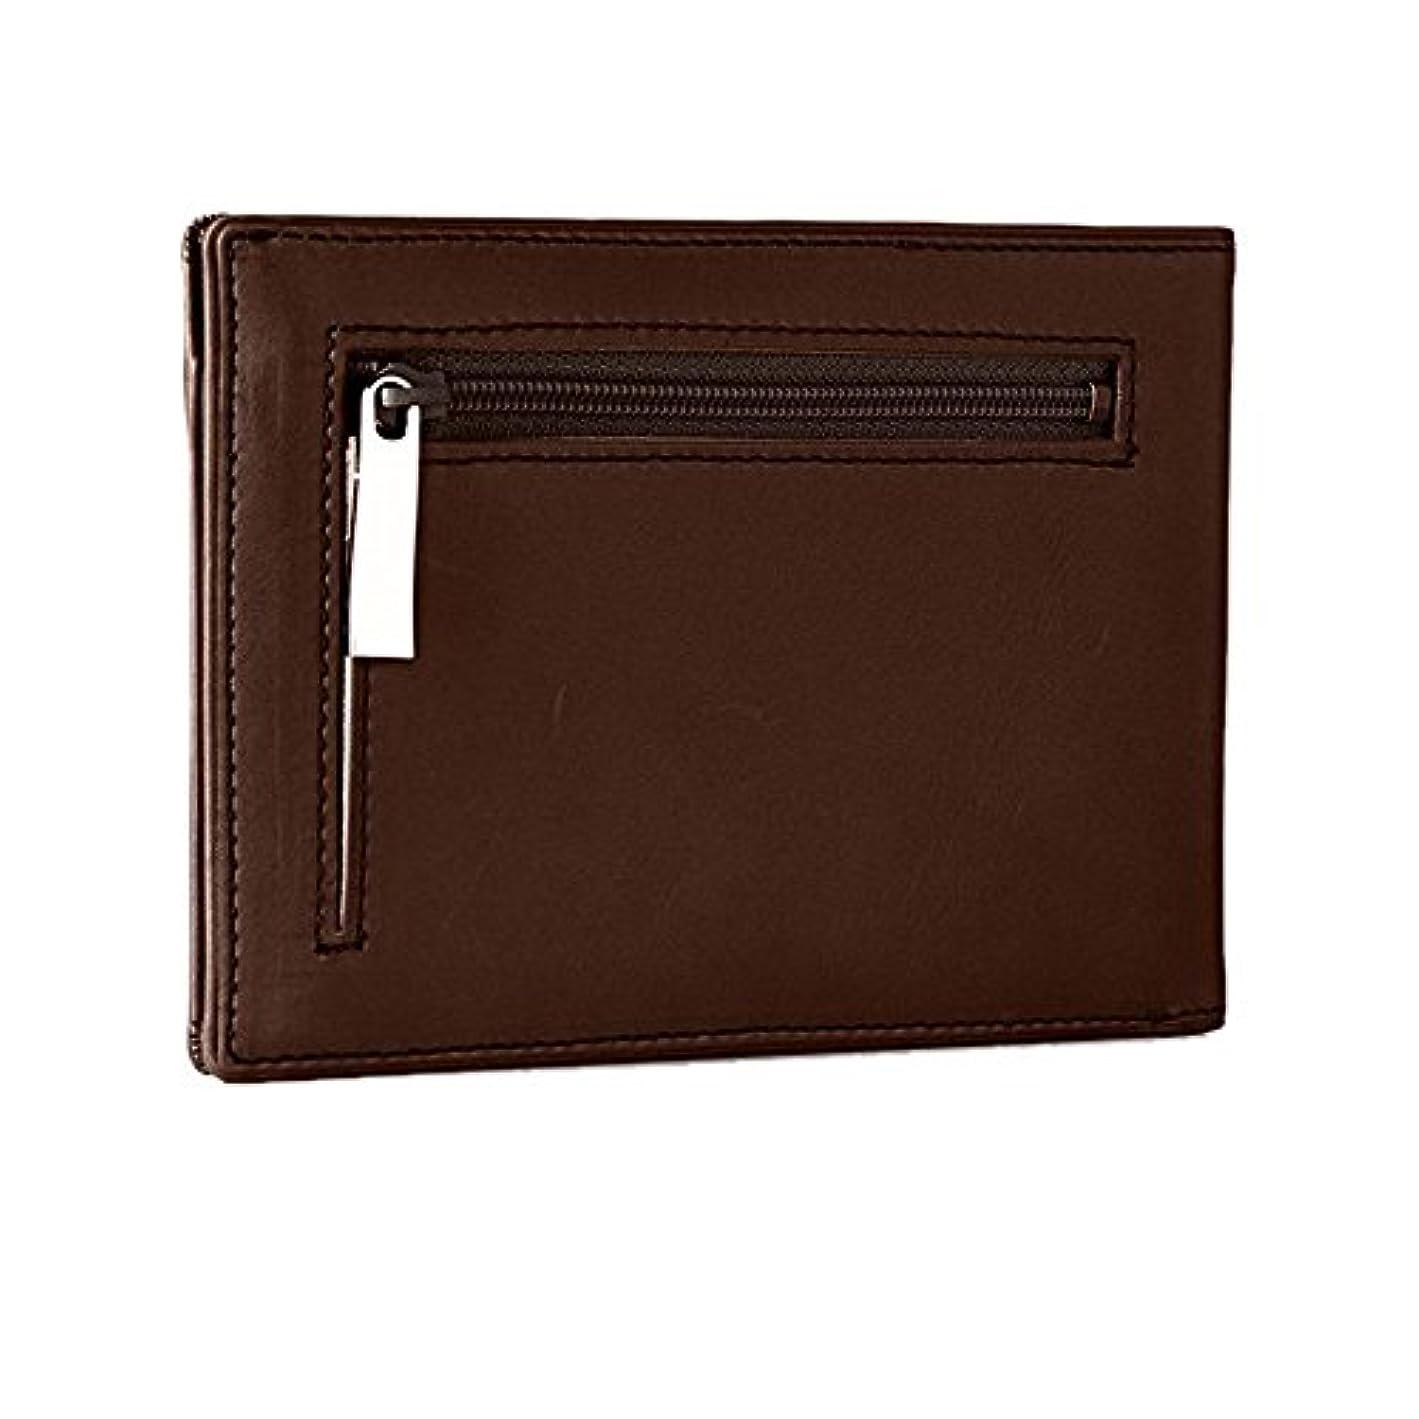 接地夕暮れ逆THINly SLBシリーズ 二つ折り財布 メンズ 小物 日本製 レザー 薄型サイズスィンリー財布 財布 ブラック